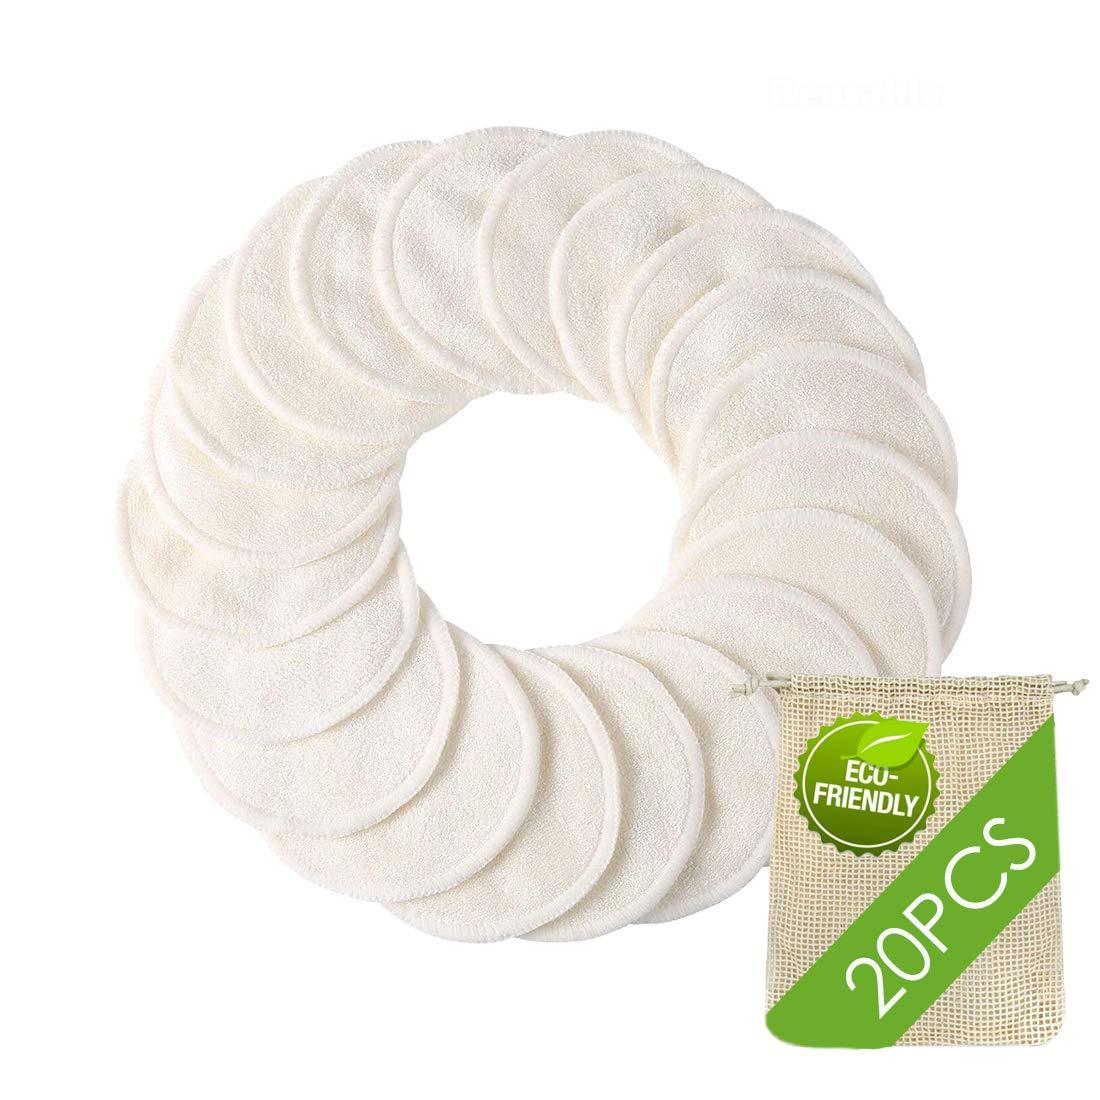 Reusable Makeup Remover Pads - 20 PCS Organic Bamboo Reusable Cotton Rounds with Laundry Bag, Washable Facial & Eye Makeup Cotton Pads